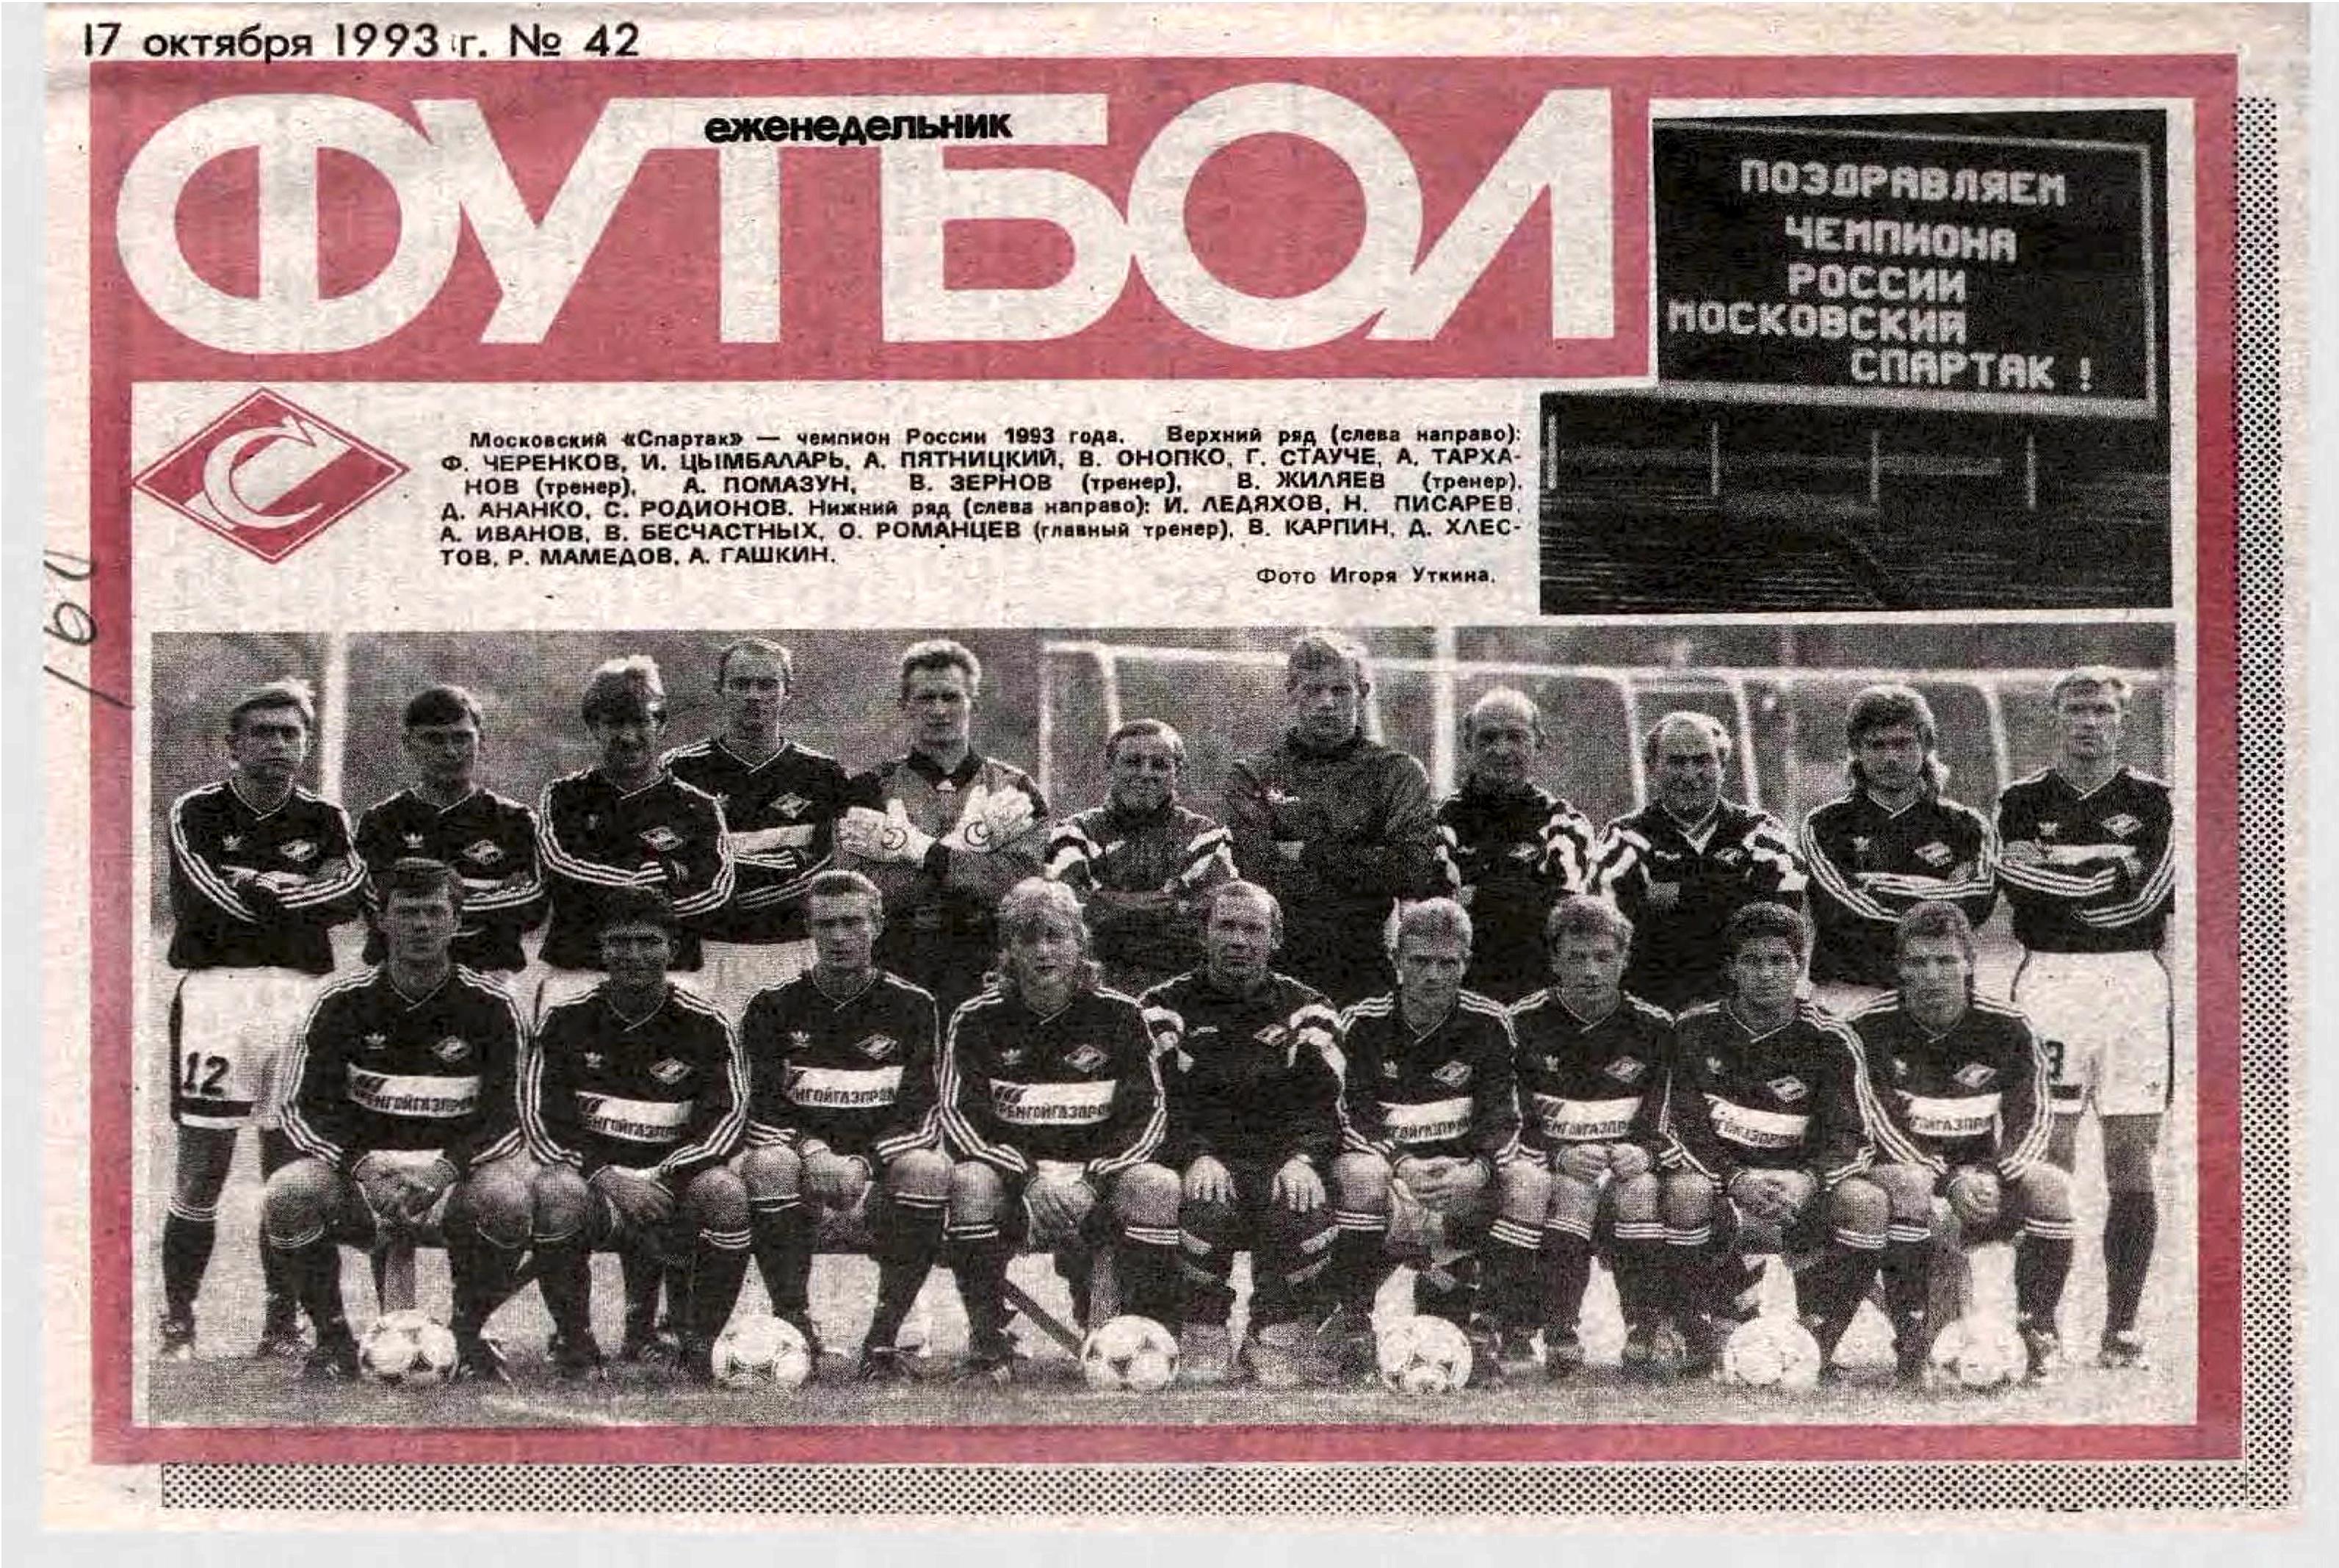 28 лет назад «Спартак» во второй раз подряд стал чемпионом России. Романцев был раздражен: все из-за ничьи с аутсайдером